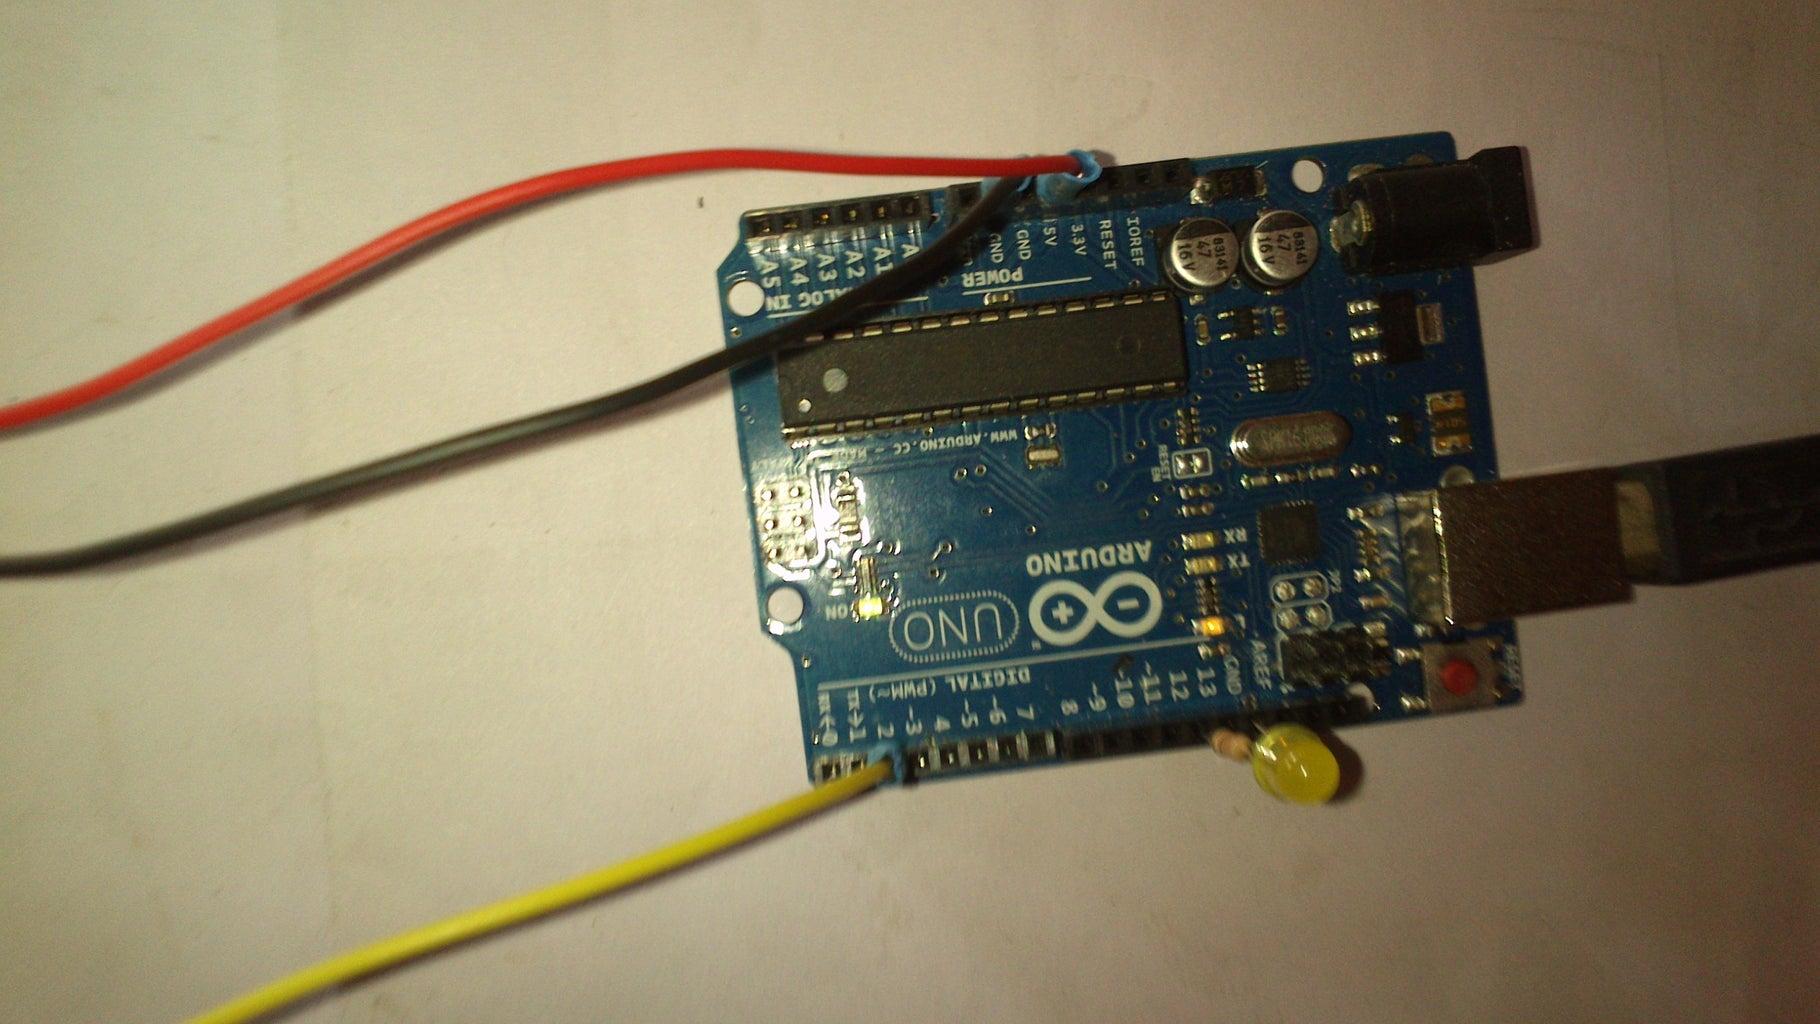 Interfacing to Arduino